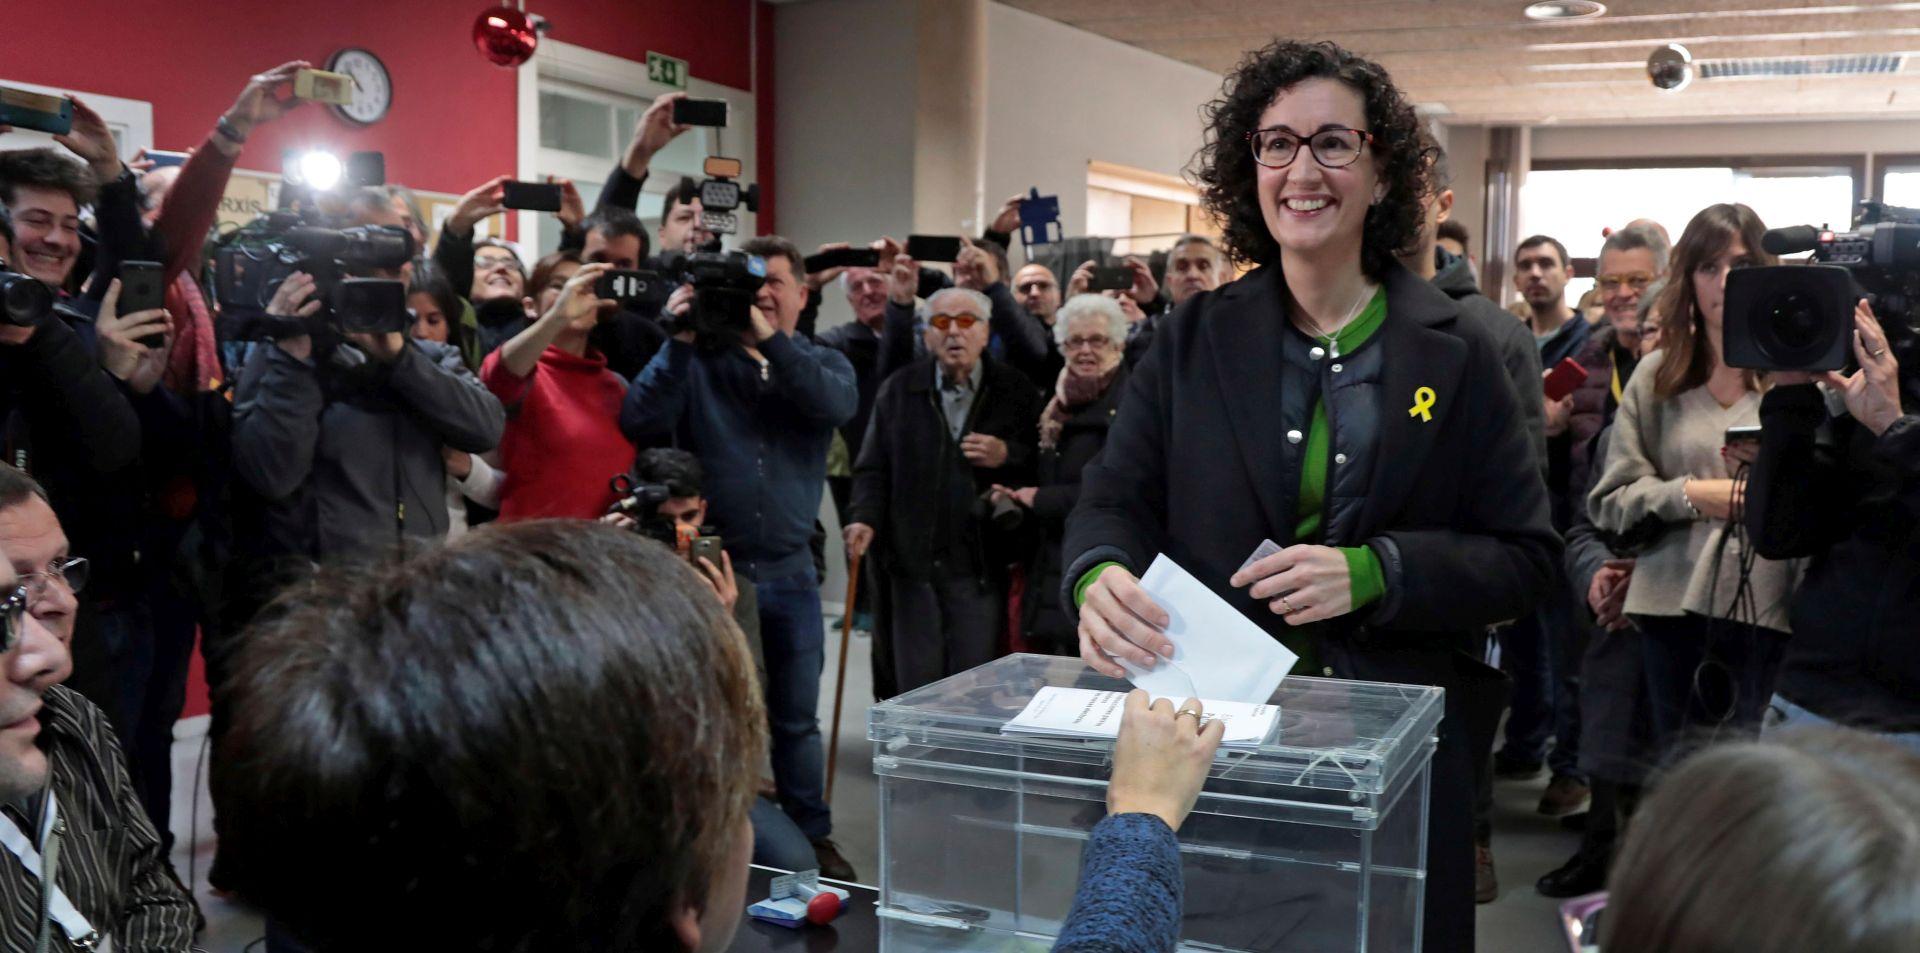 ANKETE Zagovornici nezavisnosti Katalonije na korak do parlamentarne većine